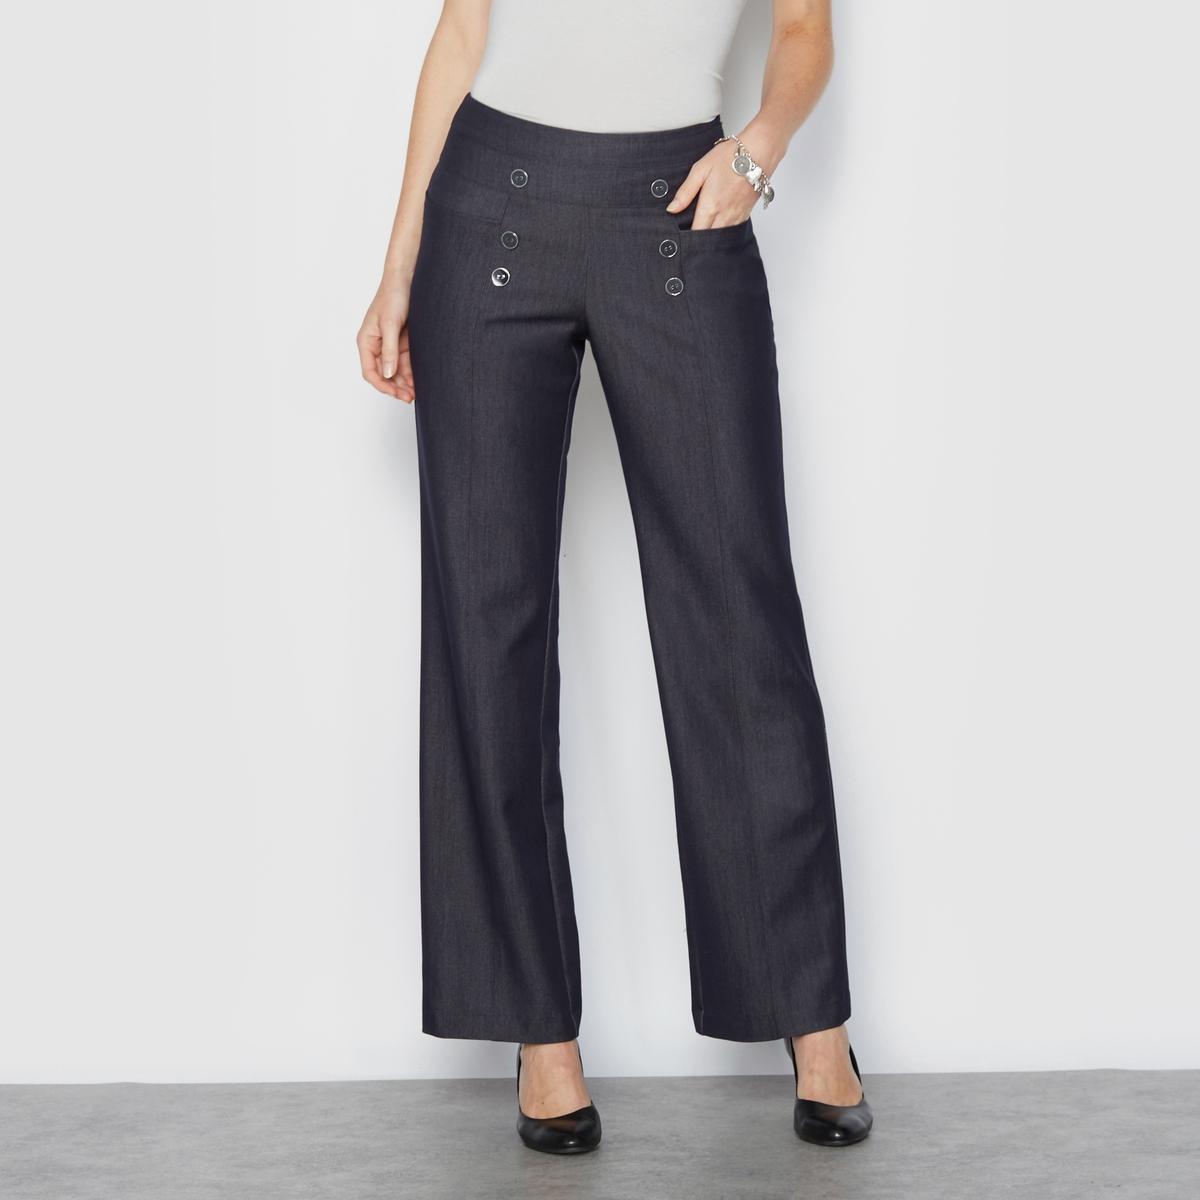 Брюки широкие с джинсовым эффектом, удобный стрейчОчень изящные широкие брюки с джинсовым эффектом. Невероятно стильные, в морском стиле. Вставка на поясе с оригинальным ремнём и пуговицами спереди. Застежка на молнию сбоку. Карманы спереди и сзади. Защипы спереди и сзади.Красивая саржа стрейч с джинсовым эффектом создаст великолепный образ и идеальный комфорт благодаря своей эластичности. Идеальный стиль, изящество и свобода движений.Состав и описание :Материал : Саржа, 80% полиэстера, 15% вискозы, 5% эластана. Длина по внутр.шву 78 см, ширина по низу 24 см.Марка : Anne WeyburnУход :Машинная стирка при 30° на умеренном режиме с изделиями схожих цветов.Гладить на низкой температуре.<br><br>Цвет: синий<br>Размер: 42 (FR) - 48 (RUS).44 (FR) - 50 (RUS).46 (FR) - 52 (RUS).50 (FR) - 56 (RUS)